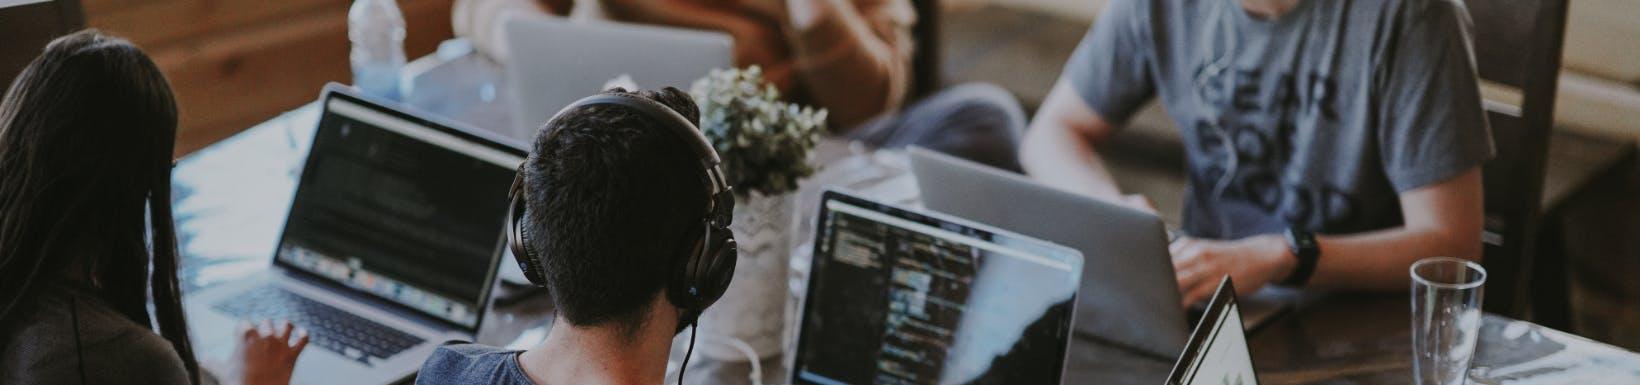 Zespół IT pracujący przy laptopach